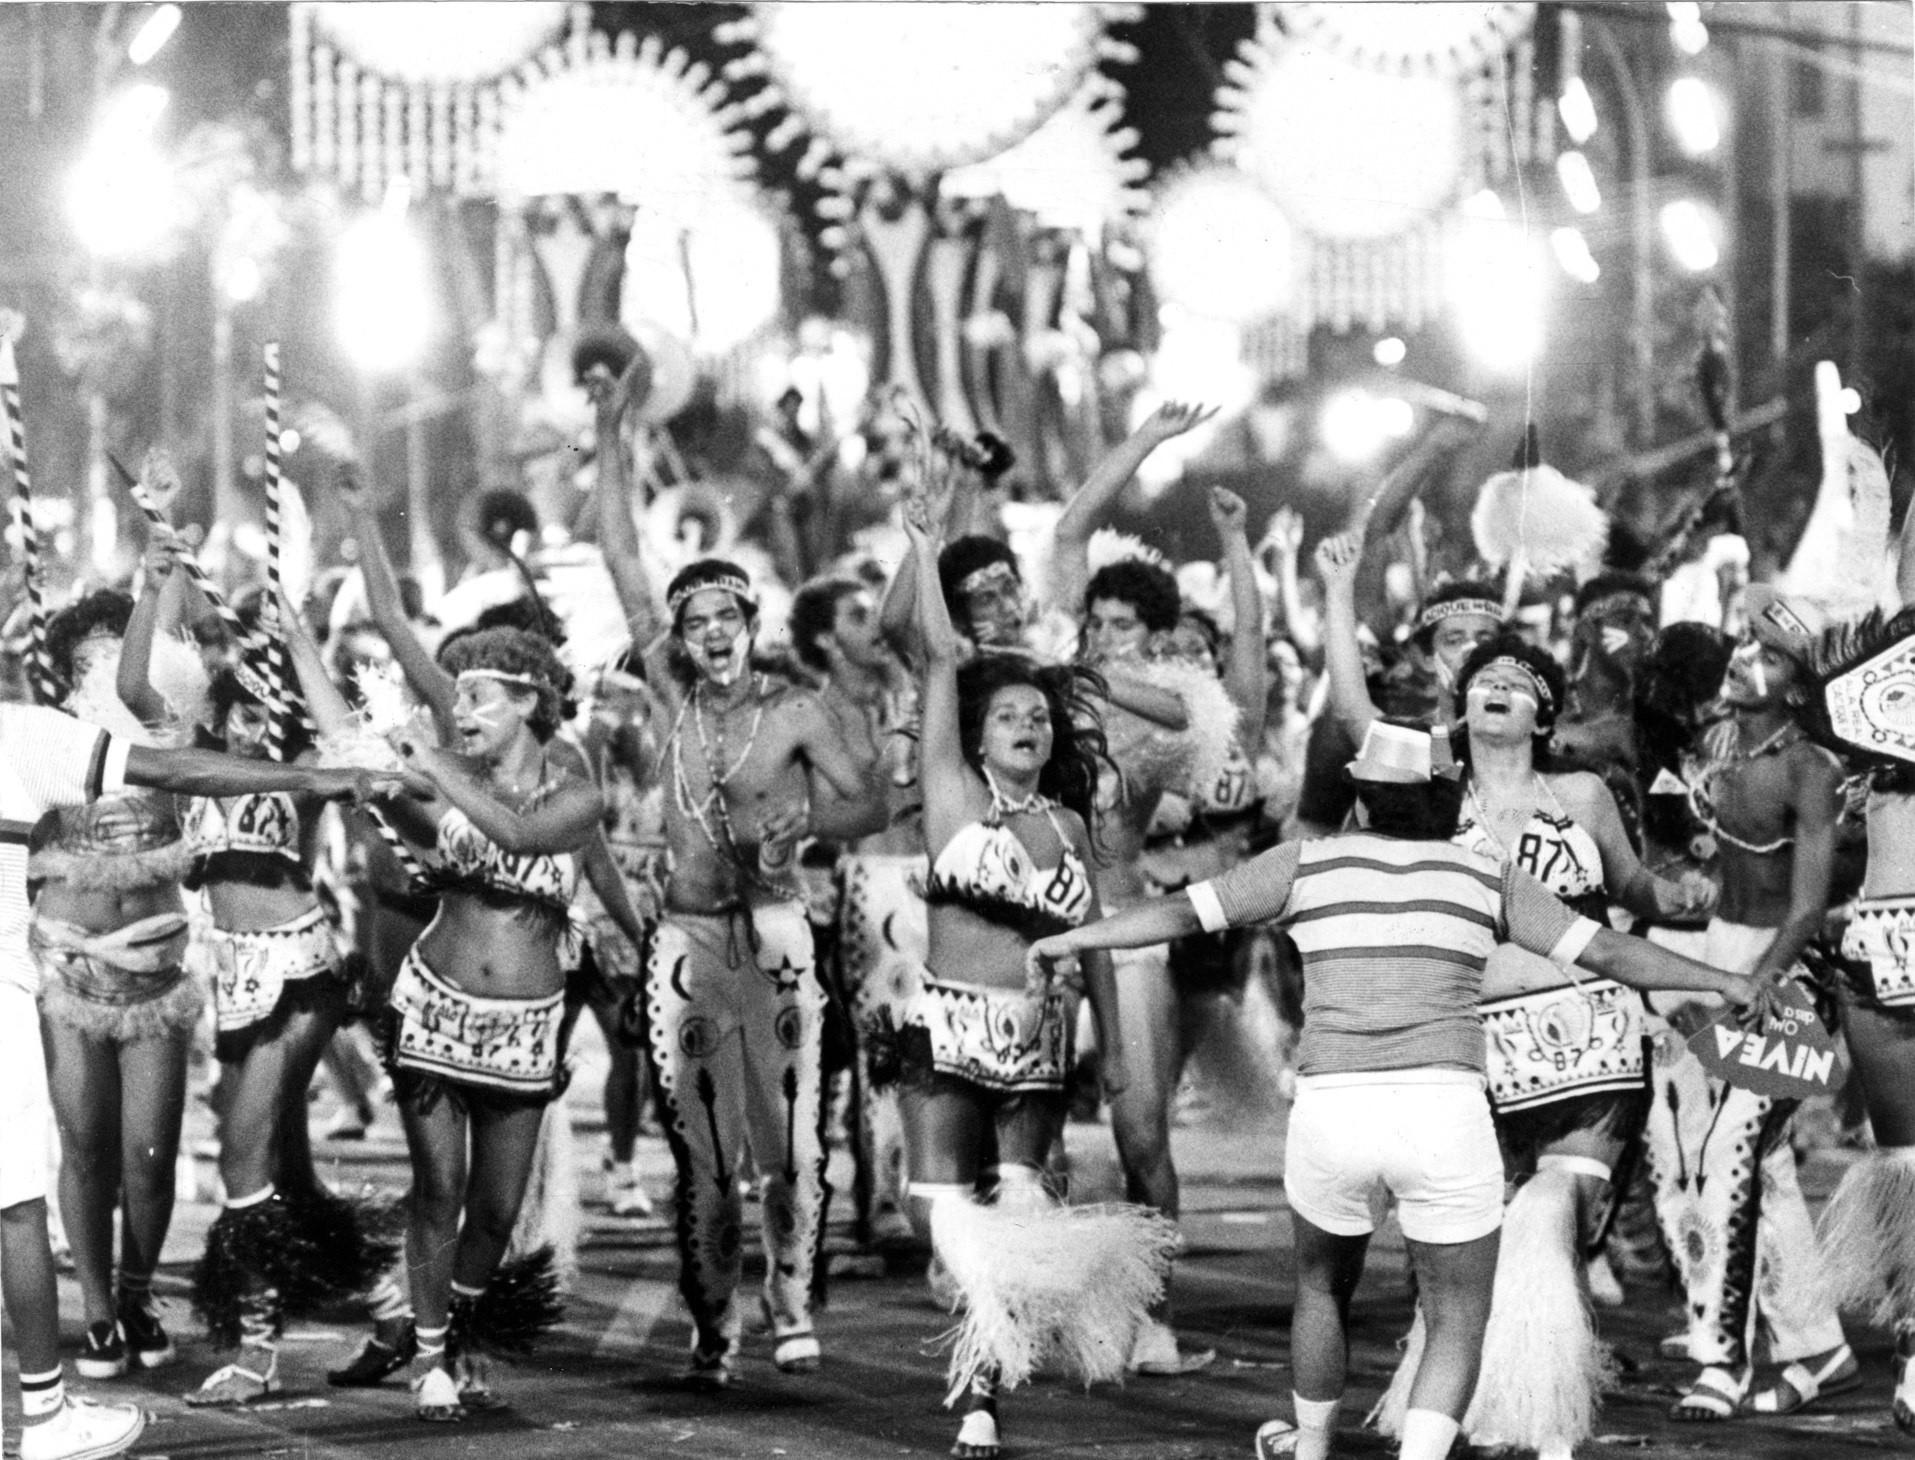 Desfile do Cacique de Ramos, na Avenida Rio Branco, no carnaval de 1987